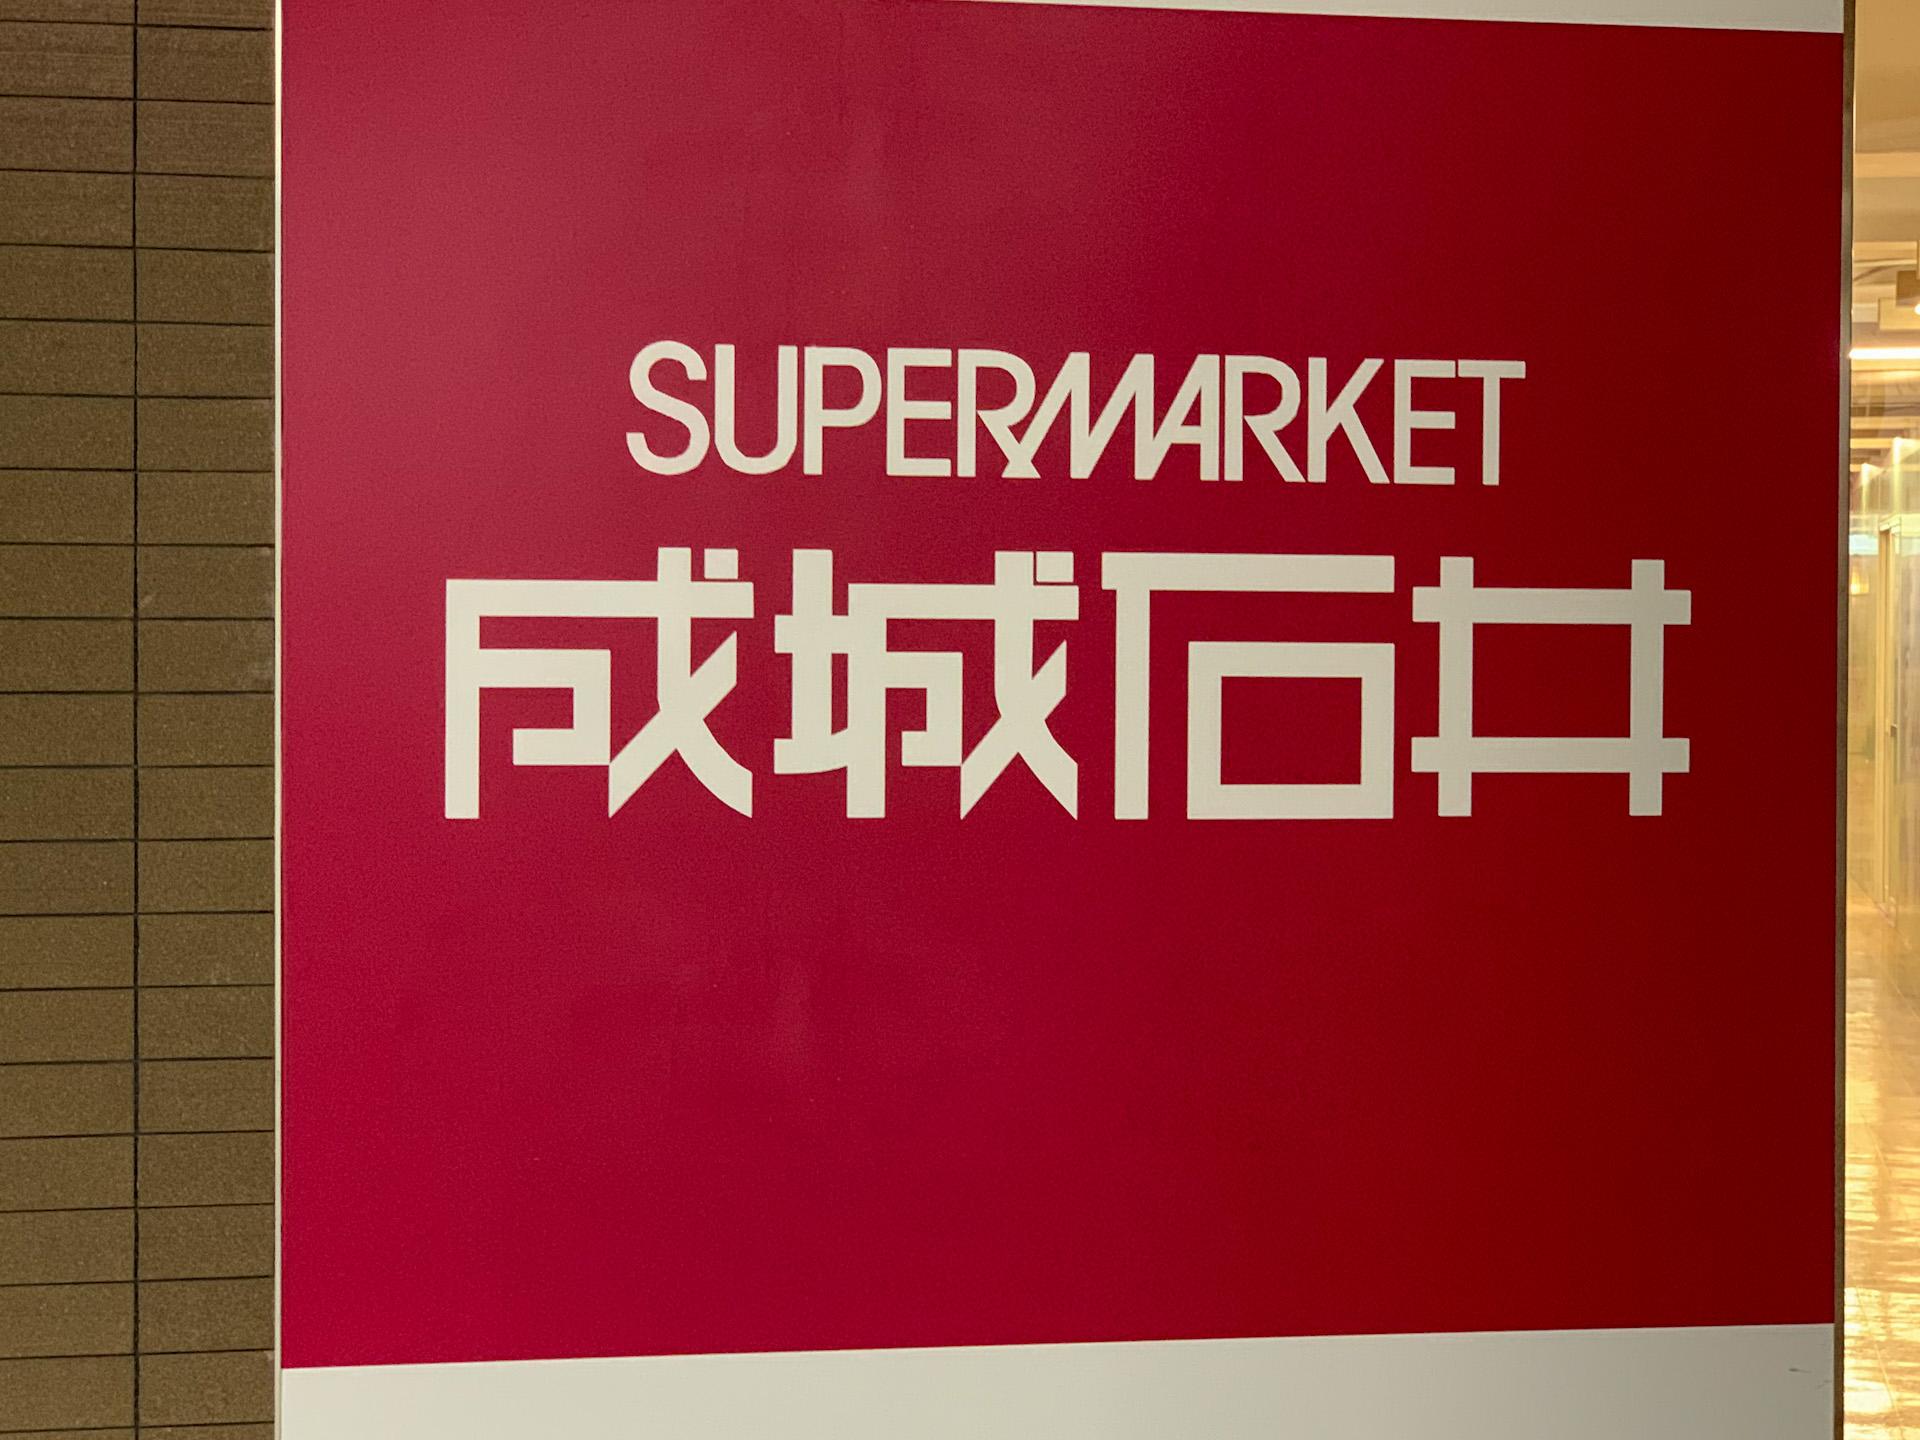 成城石井の人気ジャム特集!果肉たっぷりで美味しいおすすめはコレ!